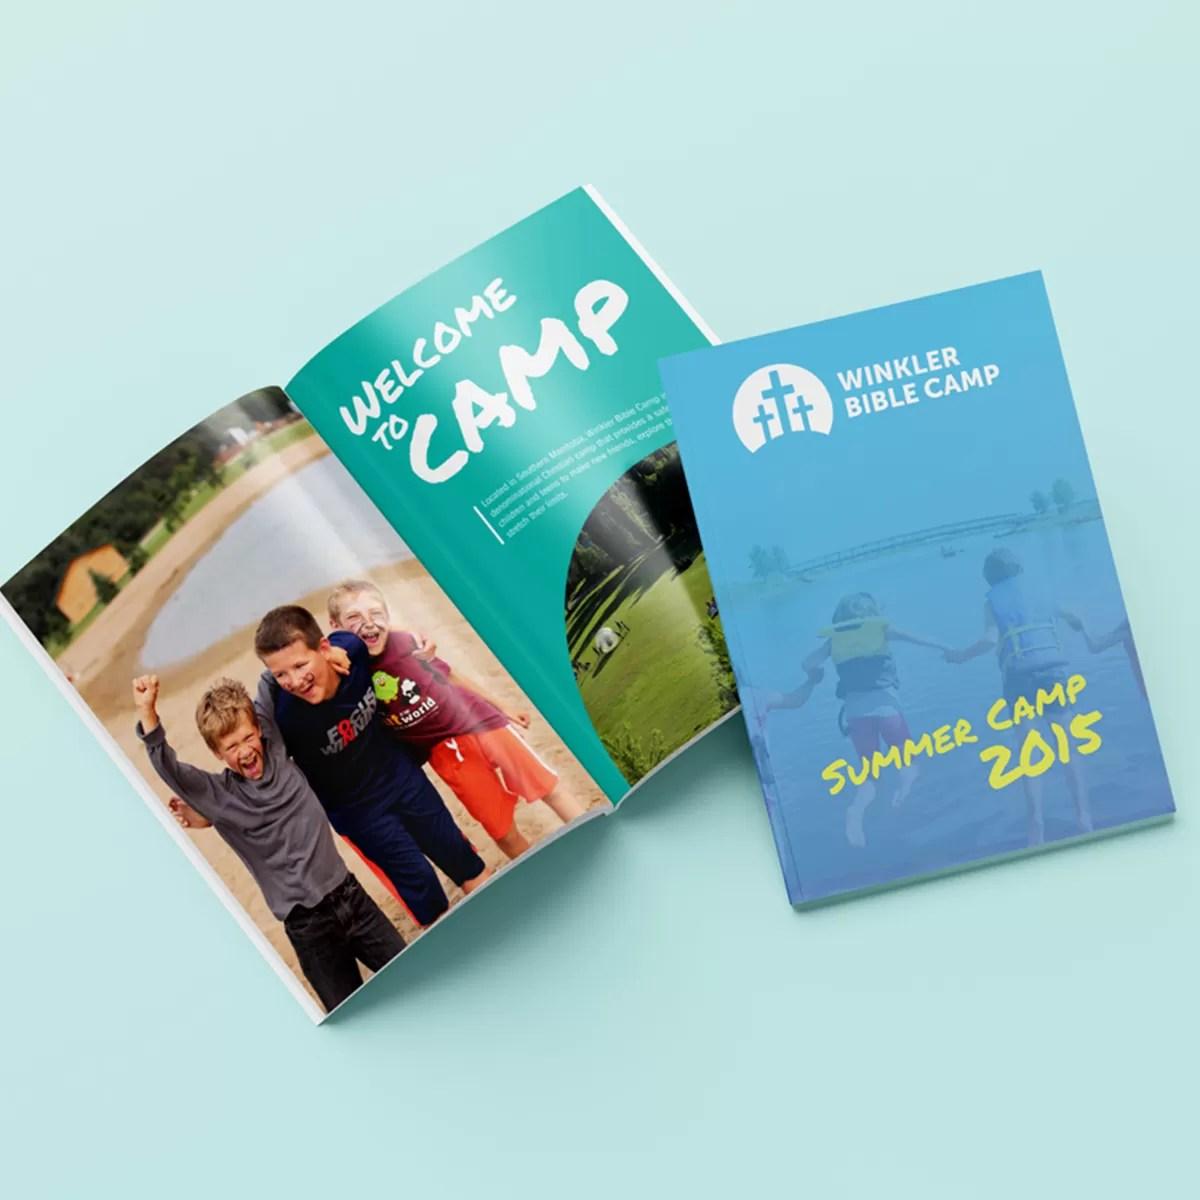 Winkler Bible Camp Brochure